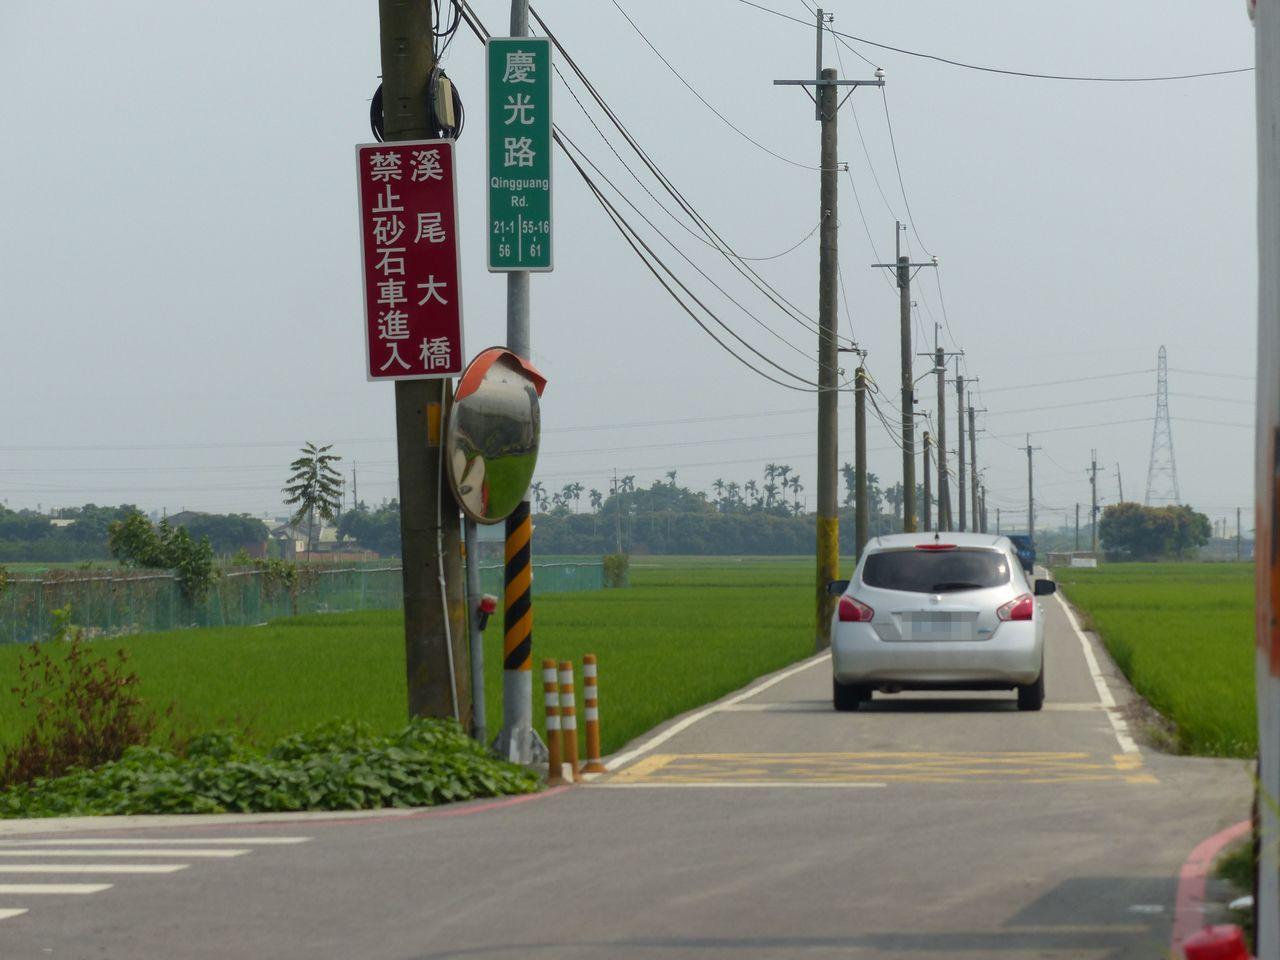 台中市烏日區溪尾大橋連通的慶光路,因寬度不足四米,會車不易。記者趙容萱/攝影